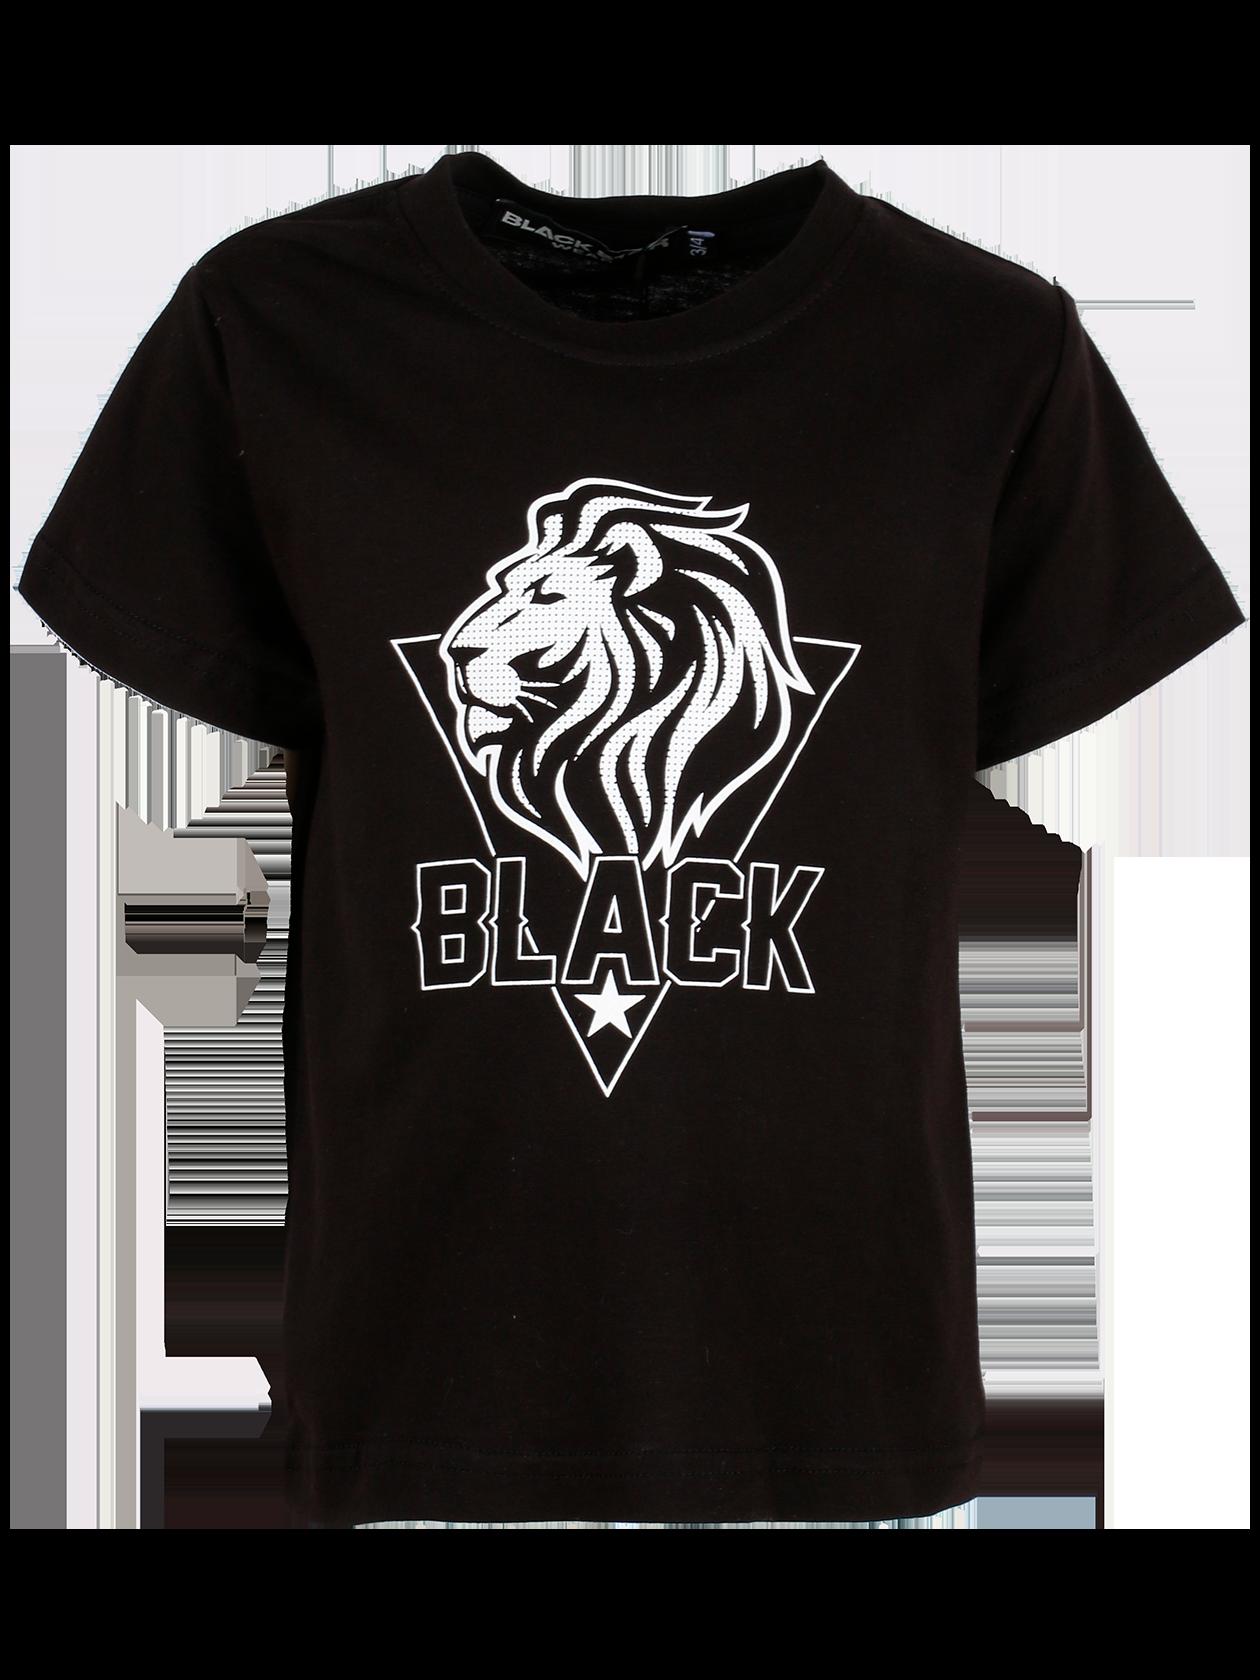 Kids t-shirt LION TEAMДетская футболка Lion Team – стильная и качественная вещь в гардеробе активных детей. Модель базового черного цвета отличается высокой практичностью за счет натурального хлопка. Прямой свободный крой с широким коротким рукавом. Яркая деталь дизайна – принт в виде головы льва в треугольнике и надписи Black на груди. Горловина оптимальной глубины с жаккардовым лейблом Black Star Wear внутри.<br><br>size: 5-6 years<br>color: Black<br>gender: unisex